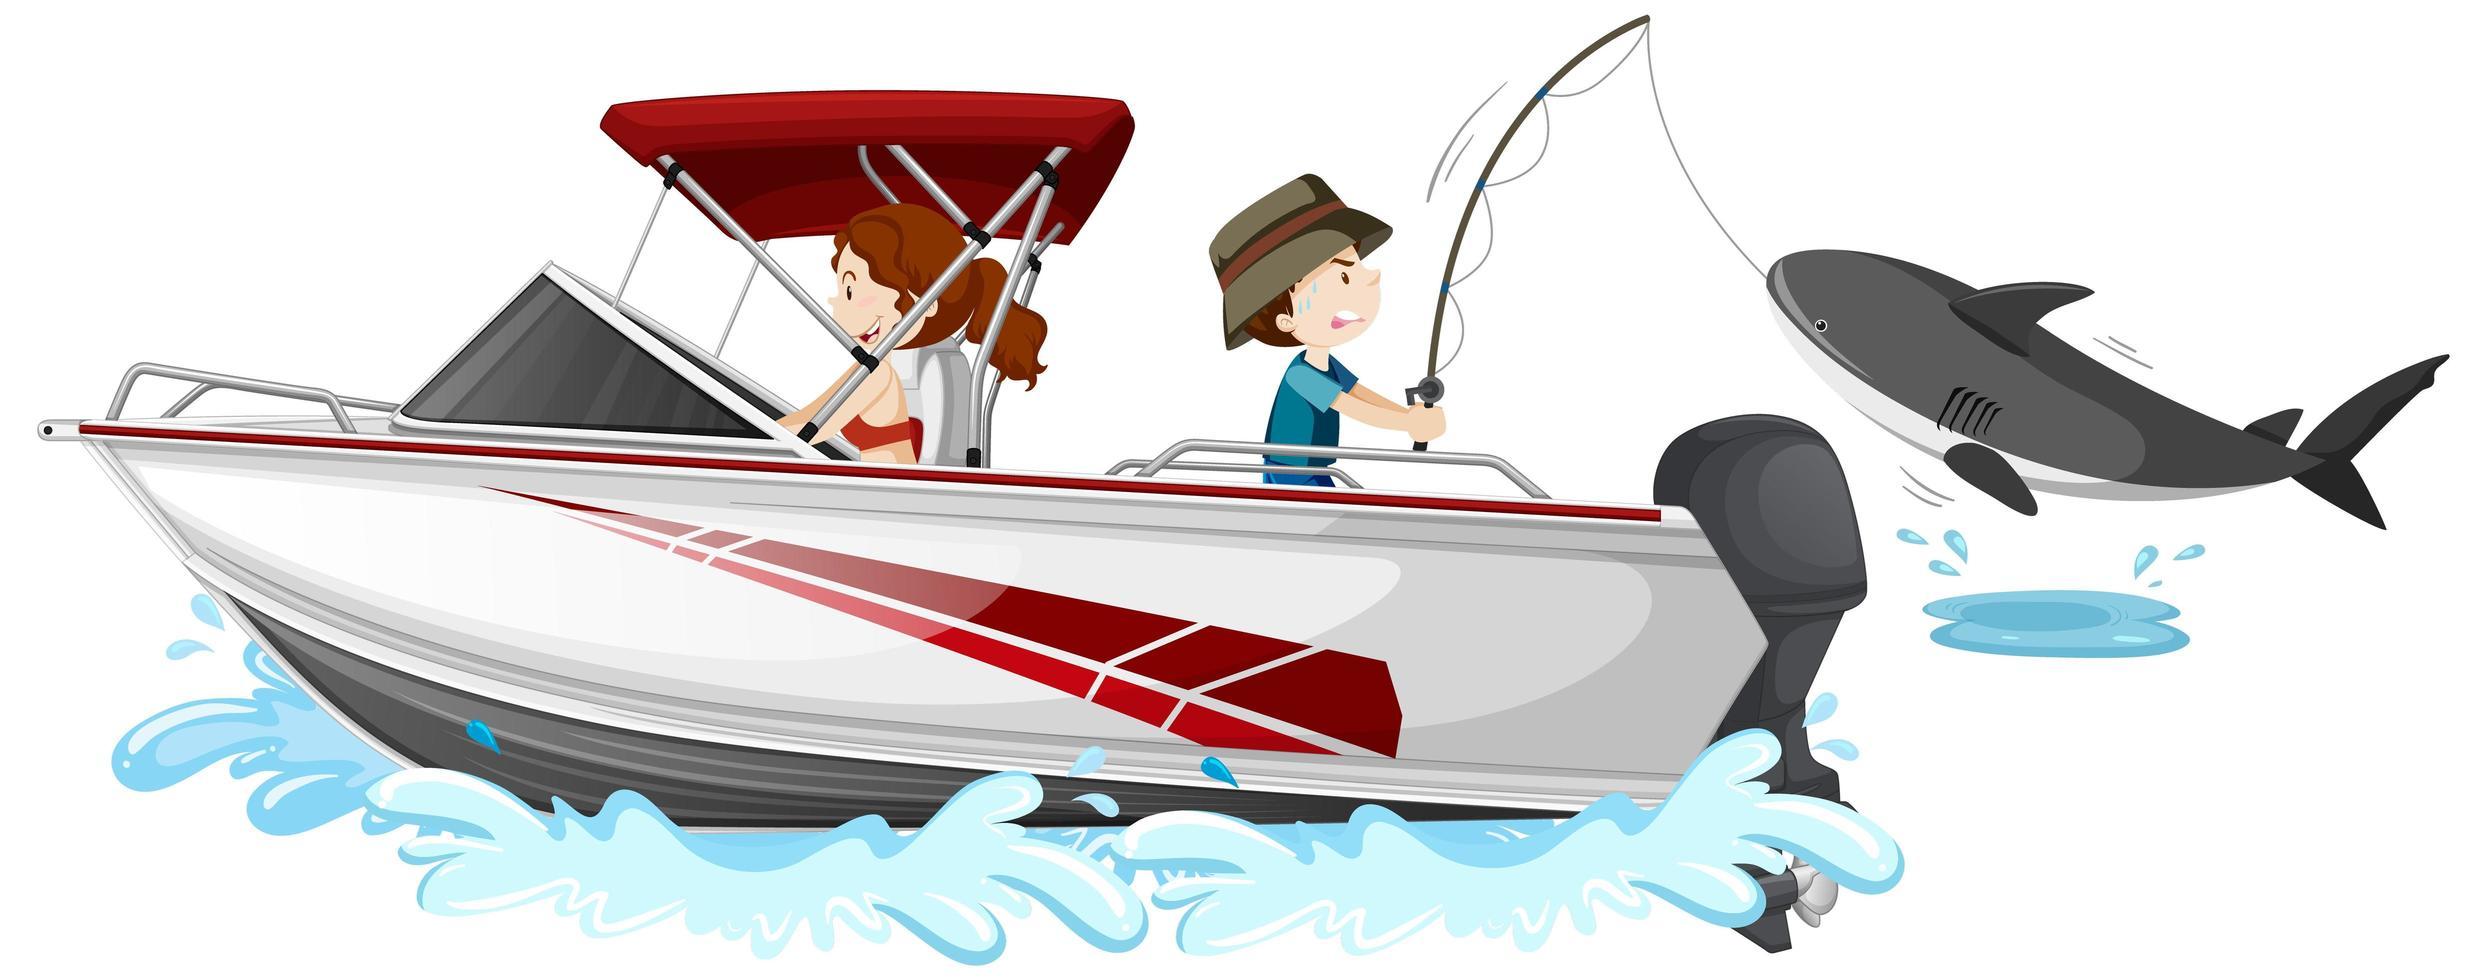 barn som fiskar från snabbbåt på vit bakgrund vektor